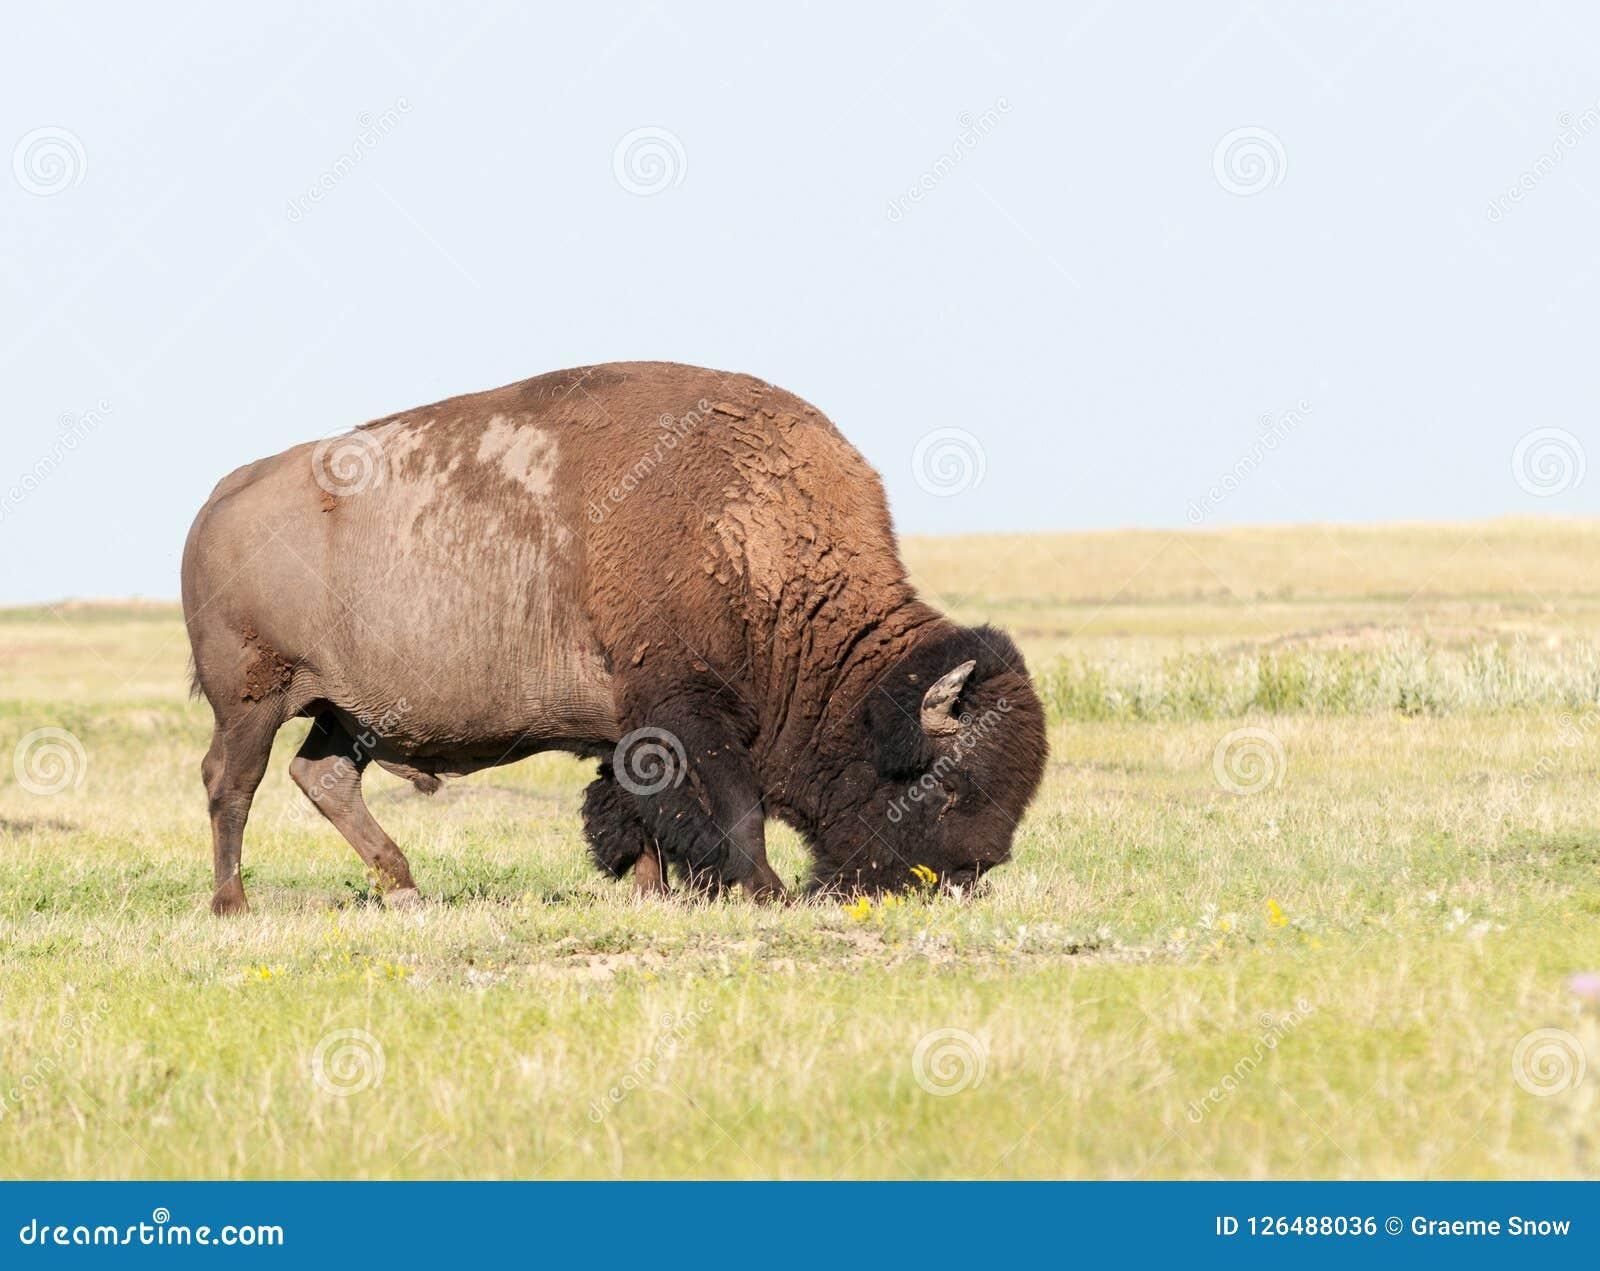 Amerikansk bison för vuxen man som betar på grässlätten, South Dakota, USA